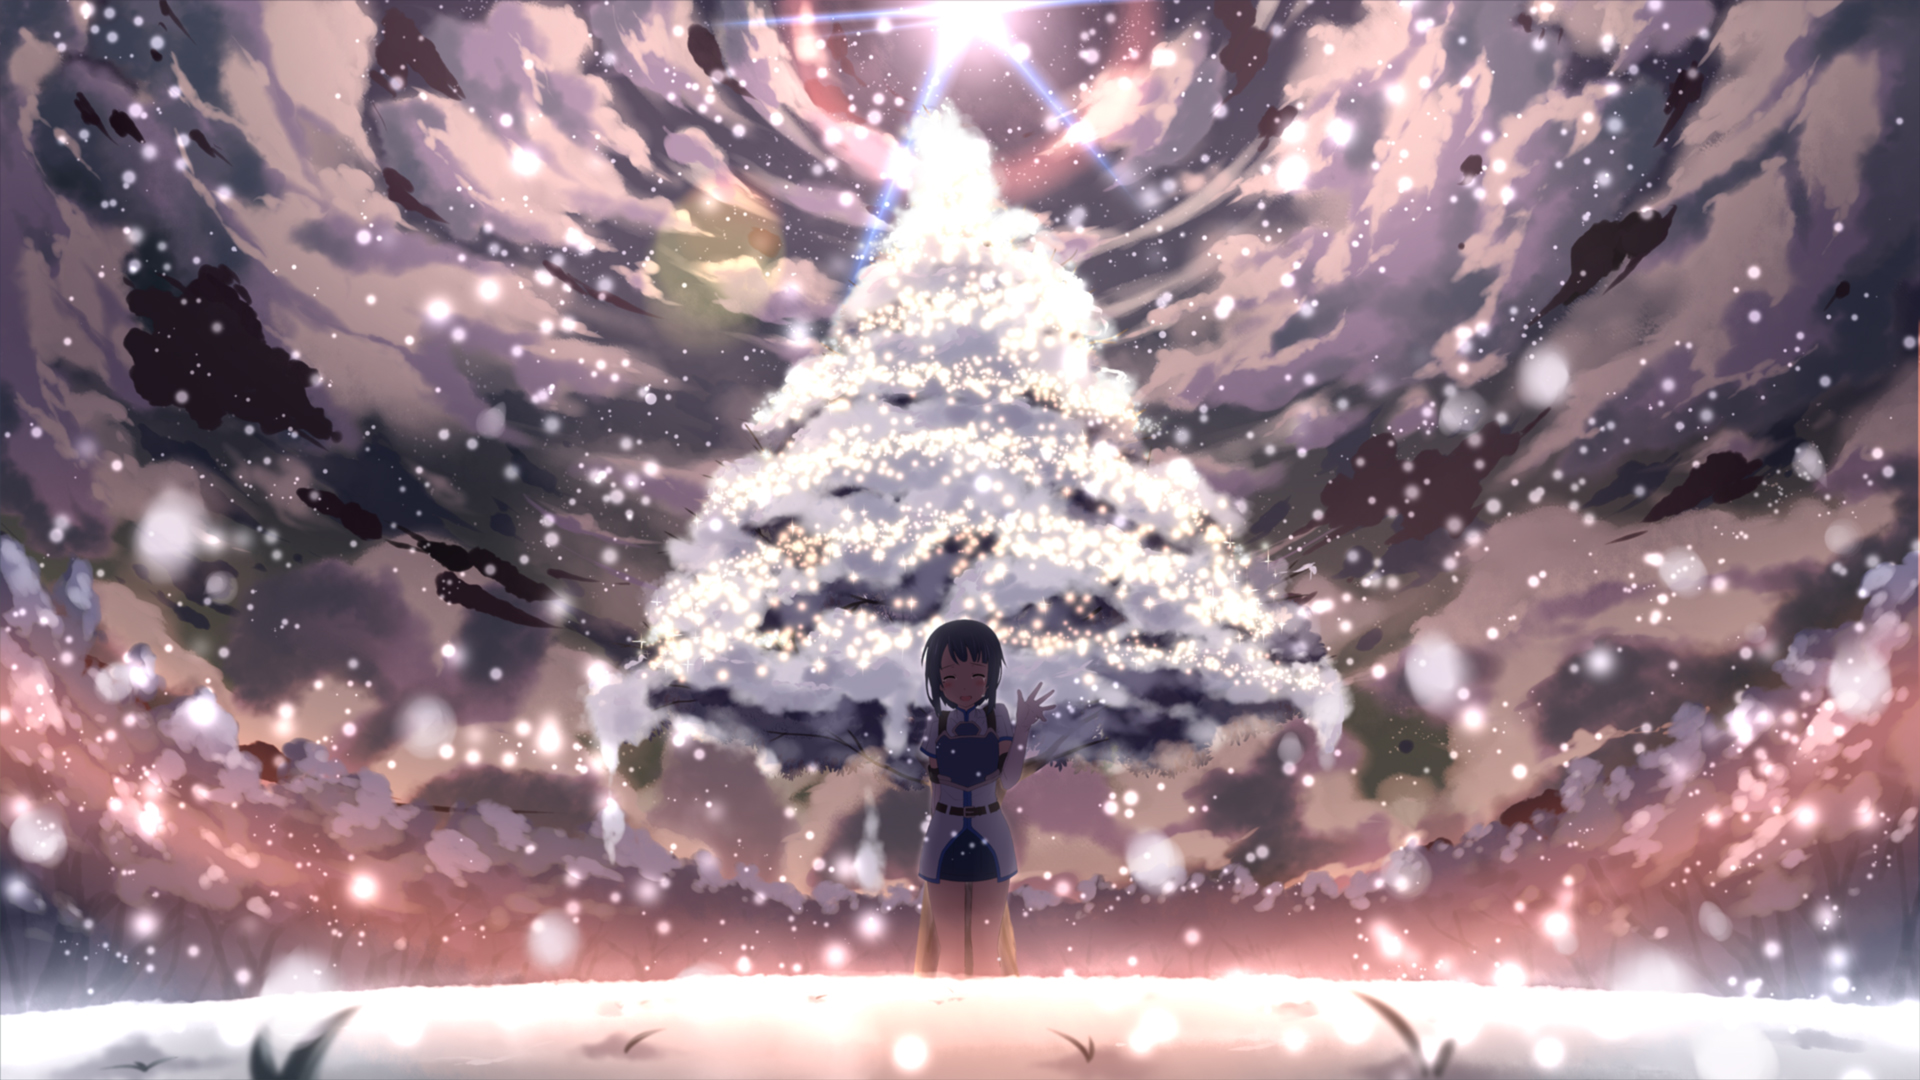 sword art online, wallpaper - zerochan anime image board